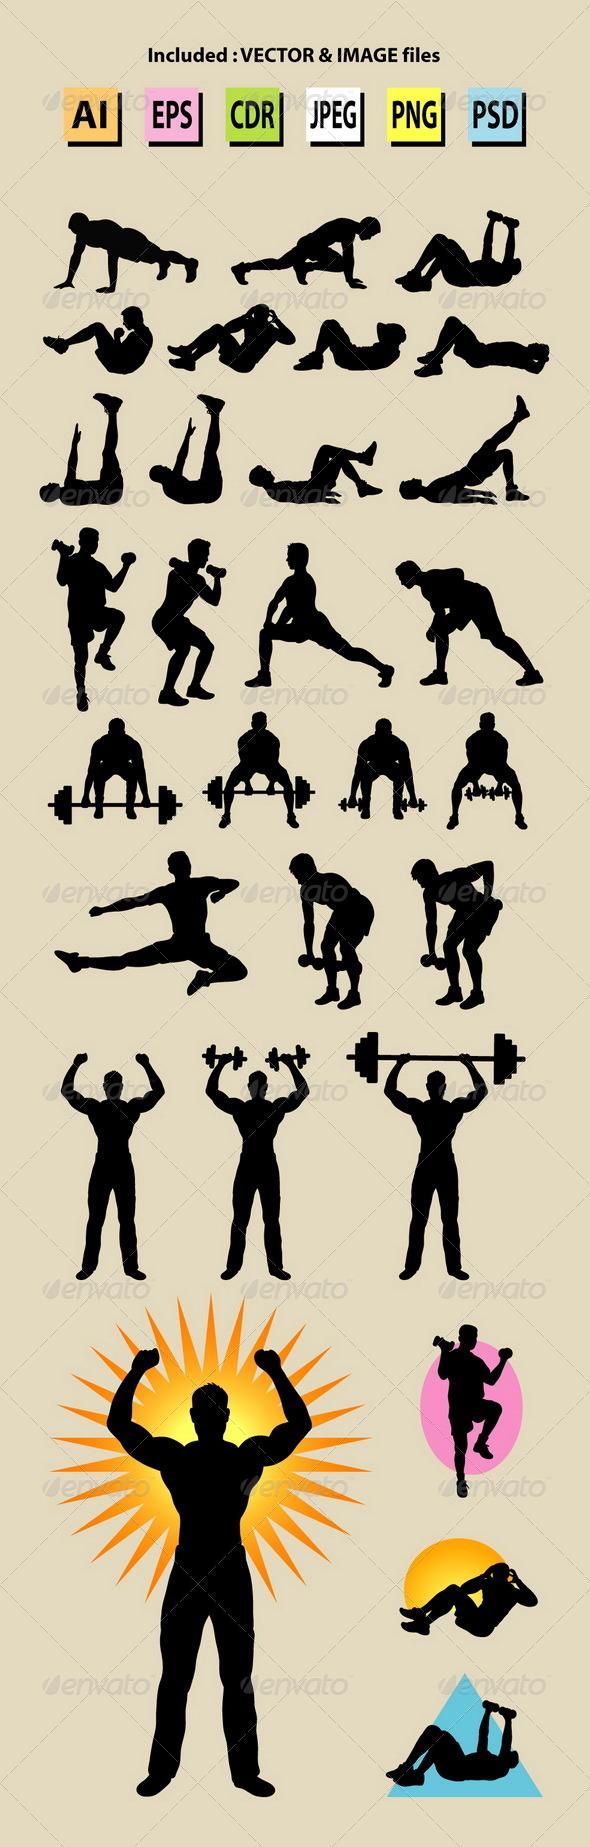 GraphicRiver Male Sport Silhouettes 7138536